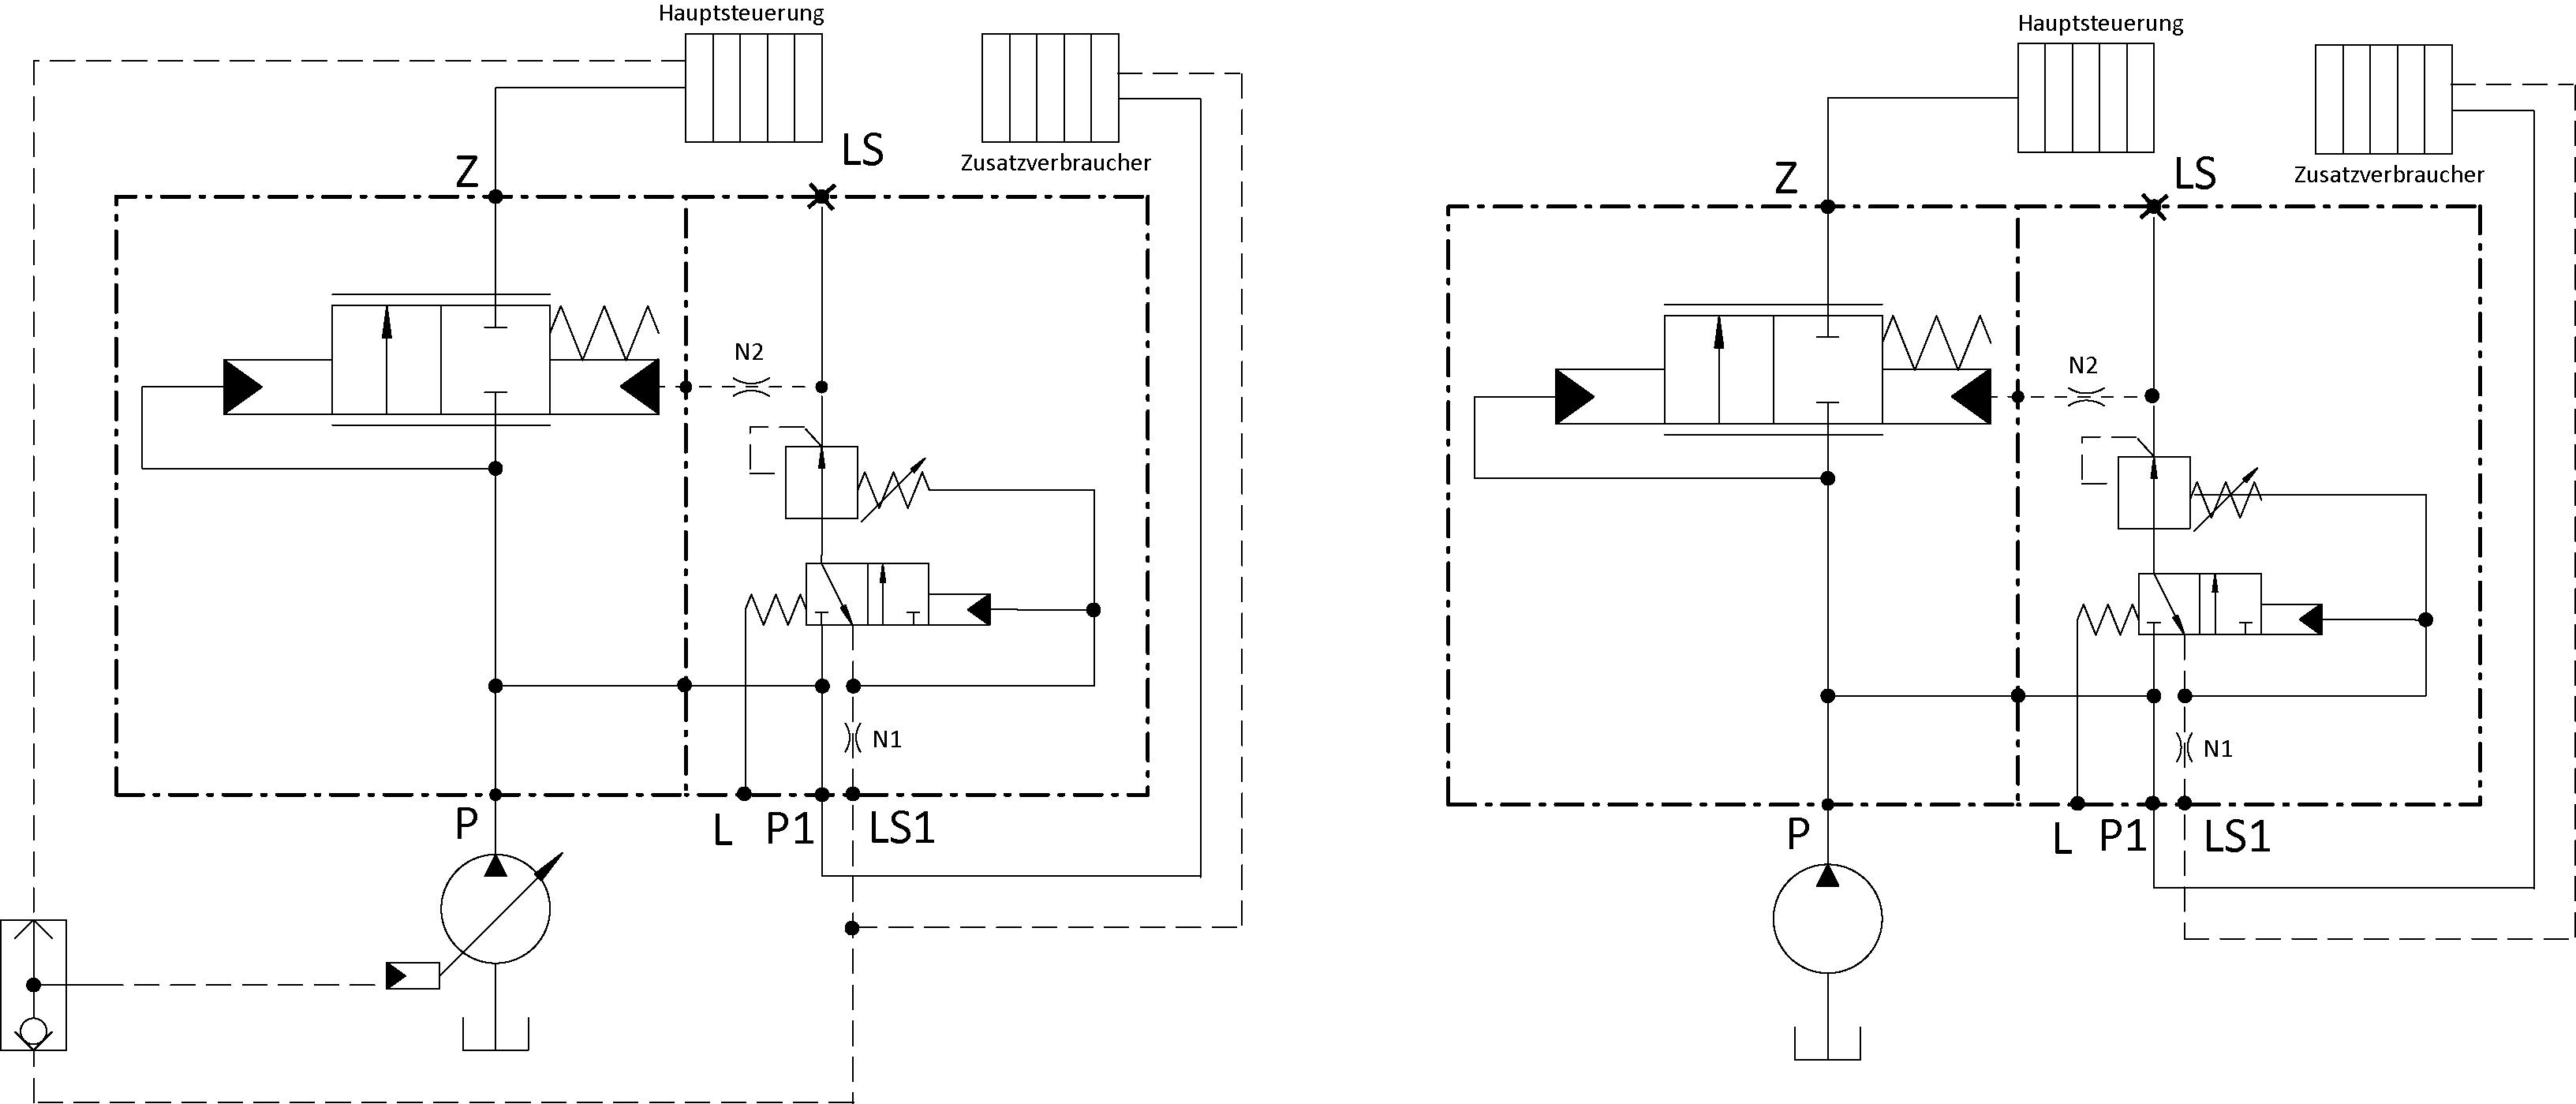 1.3 Schaltschema FC1 1D